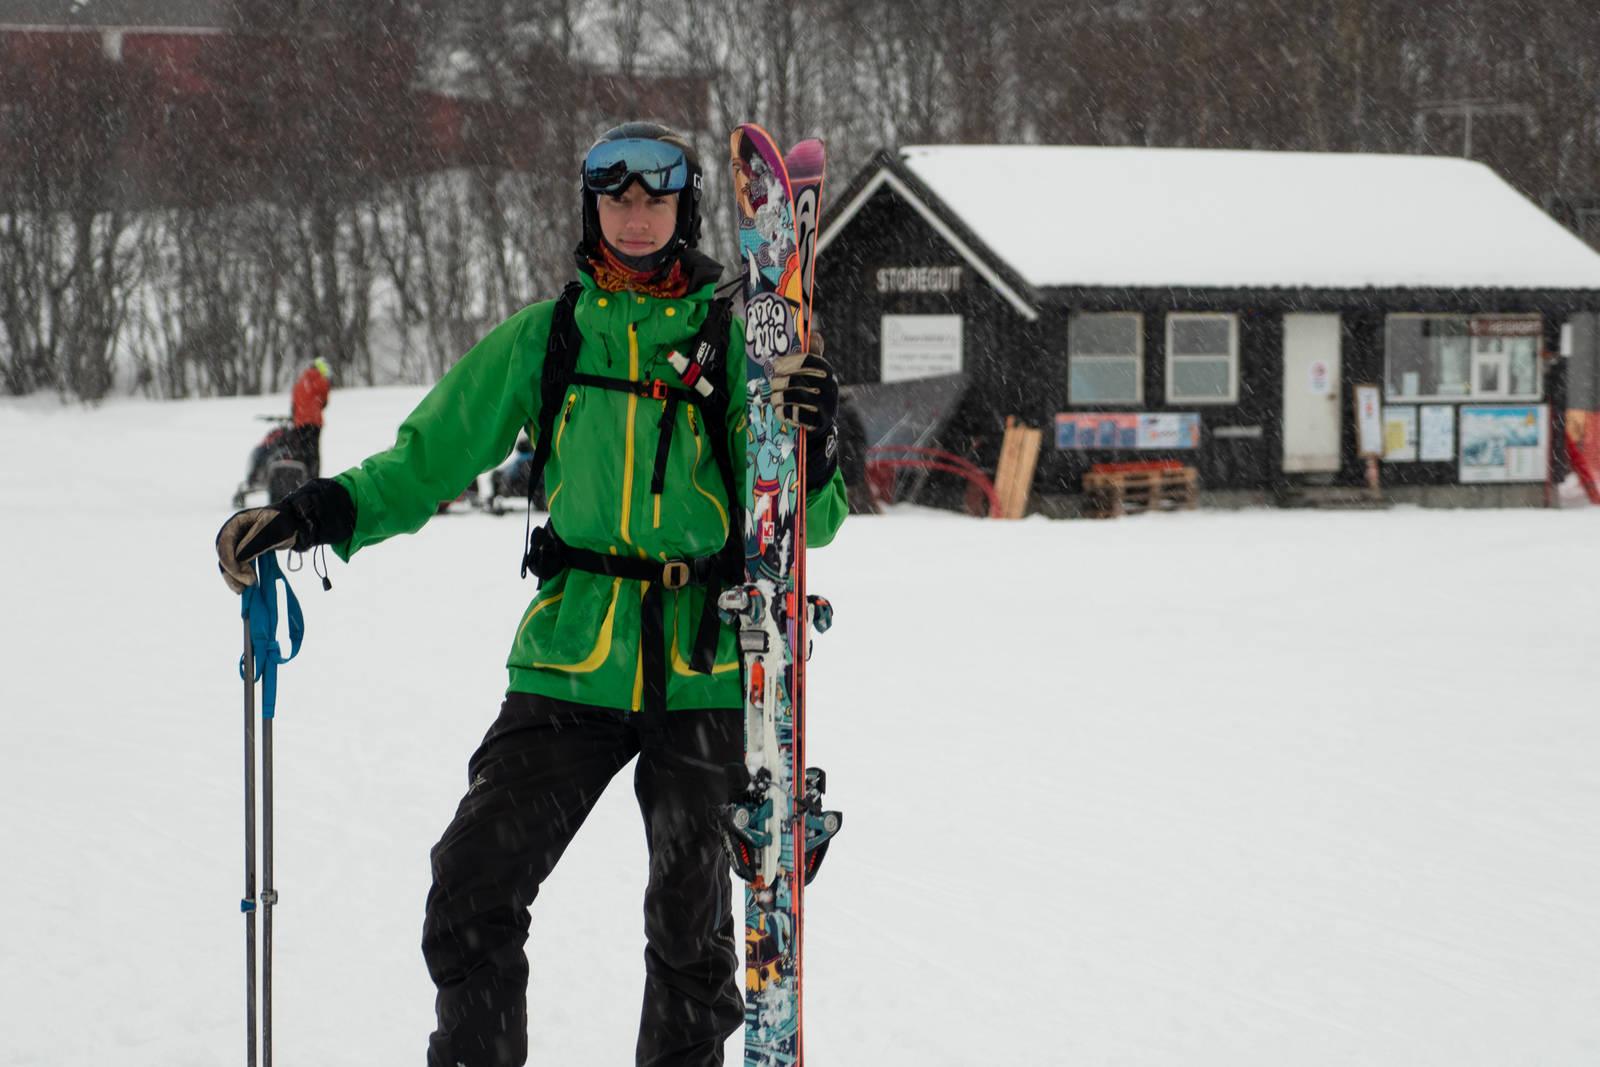 Bjørn Olav Loftsgarden - Skipatruljens lokale guide for dagen. Bilde: Christian Nerdrum